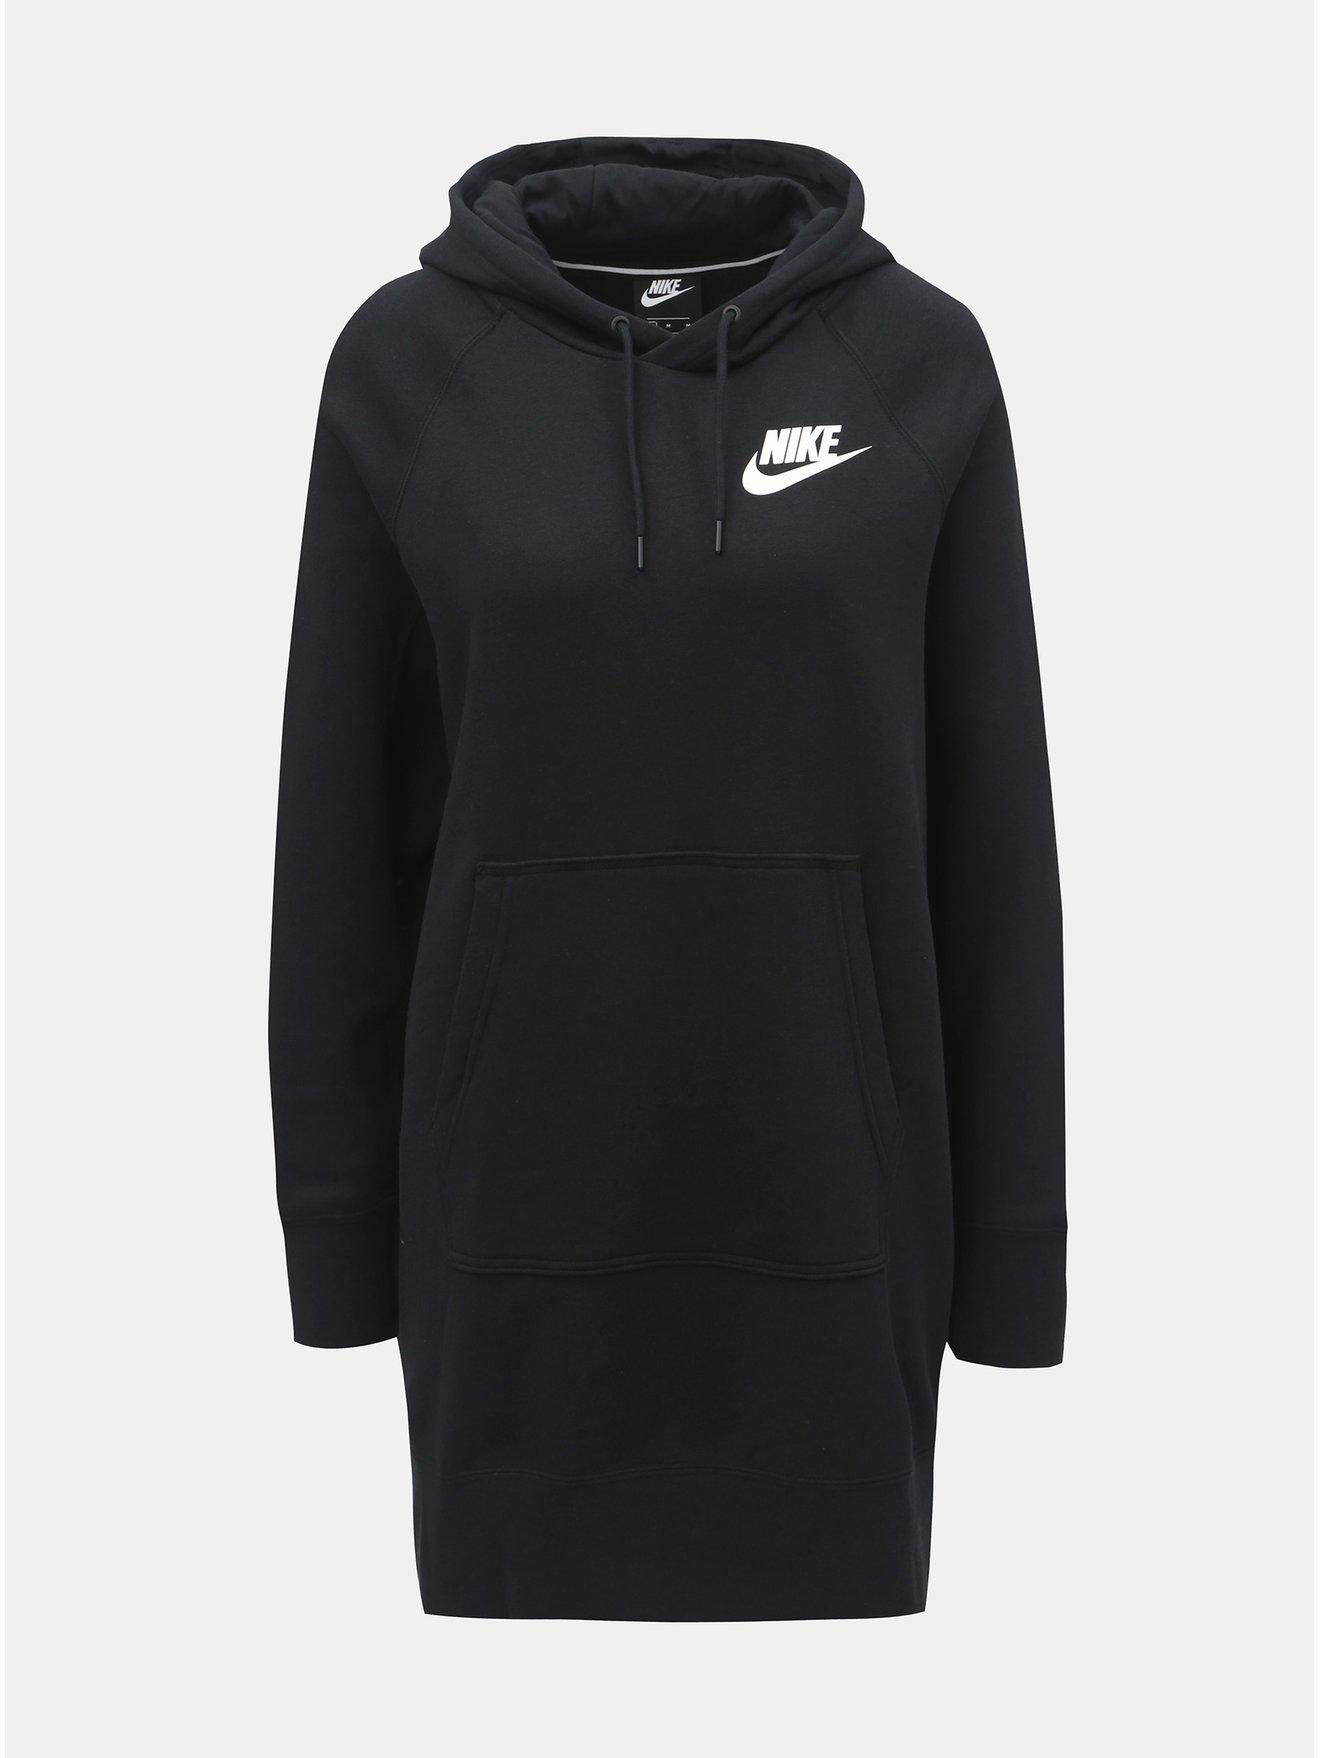 Černé dámské volné mikinové šaty s kapucí Nike